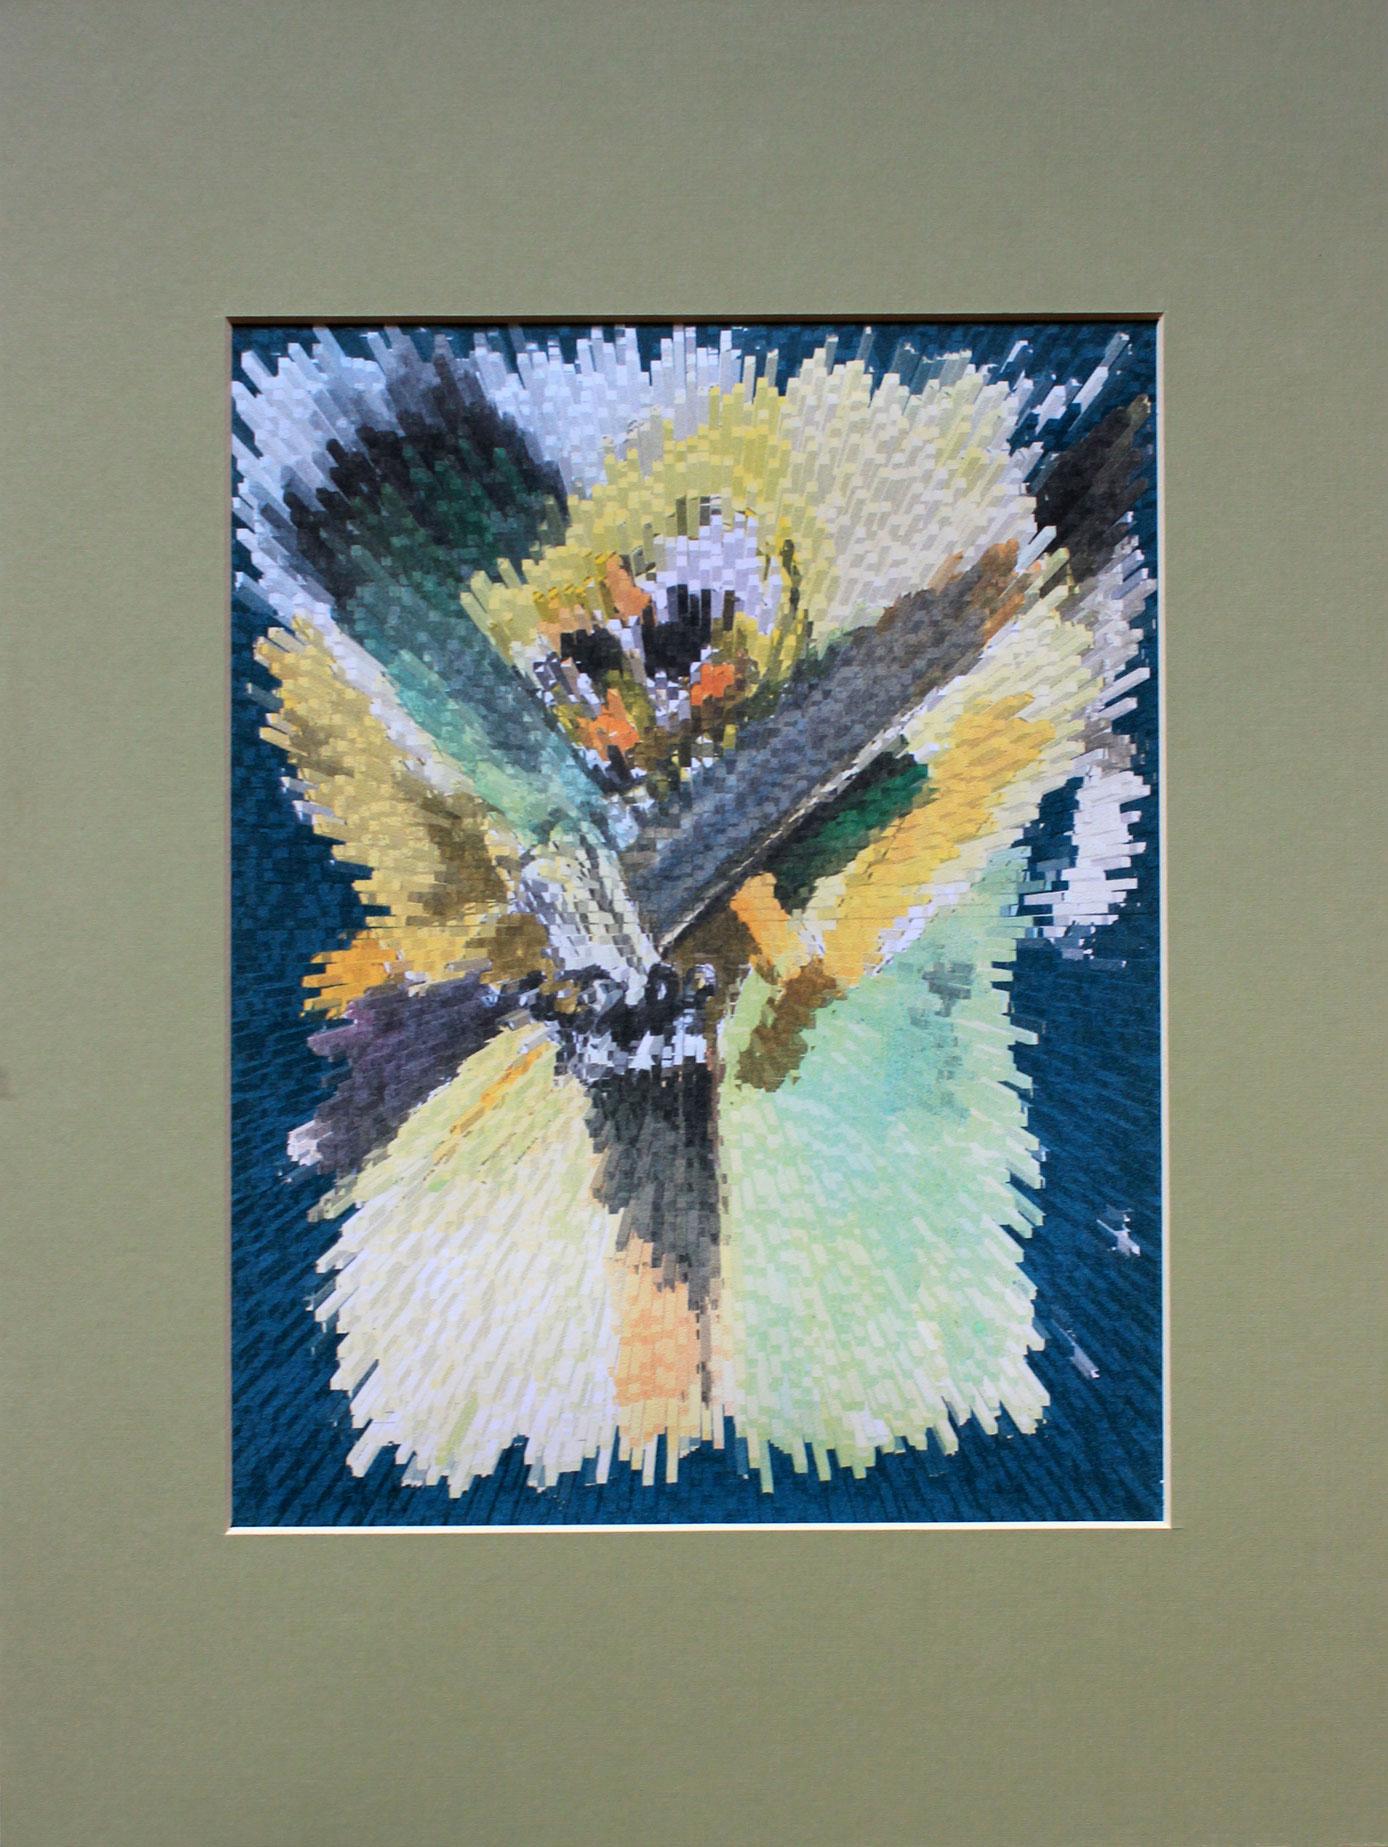 Florală VI (studiu) 420x297mm Grafică digitală